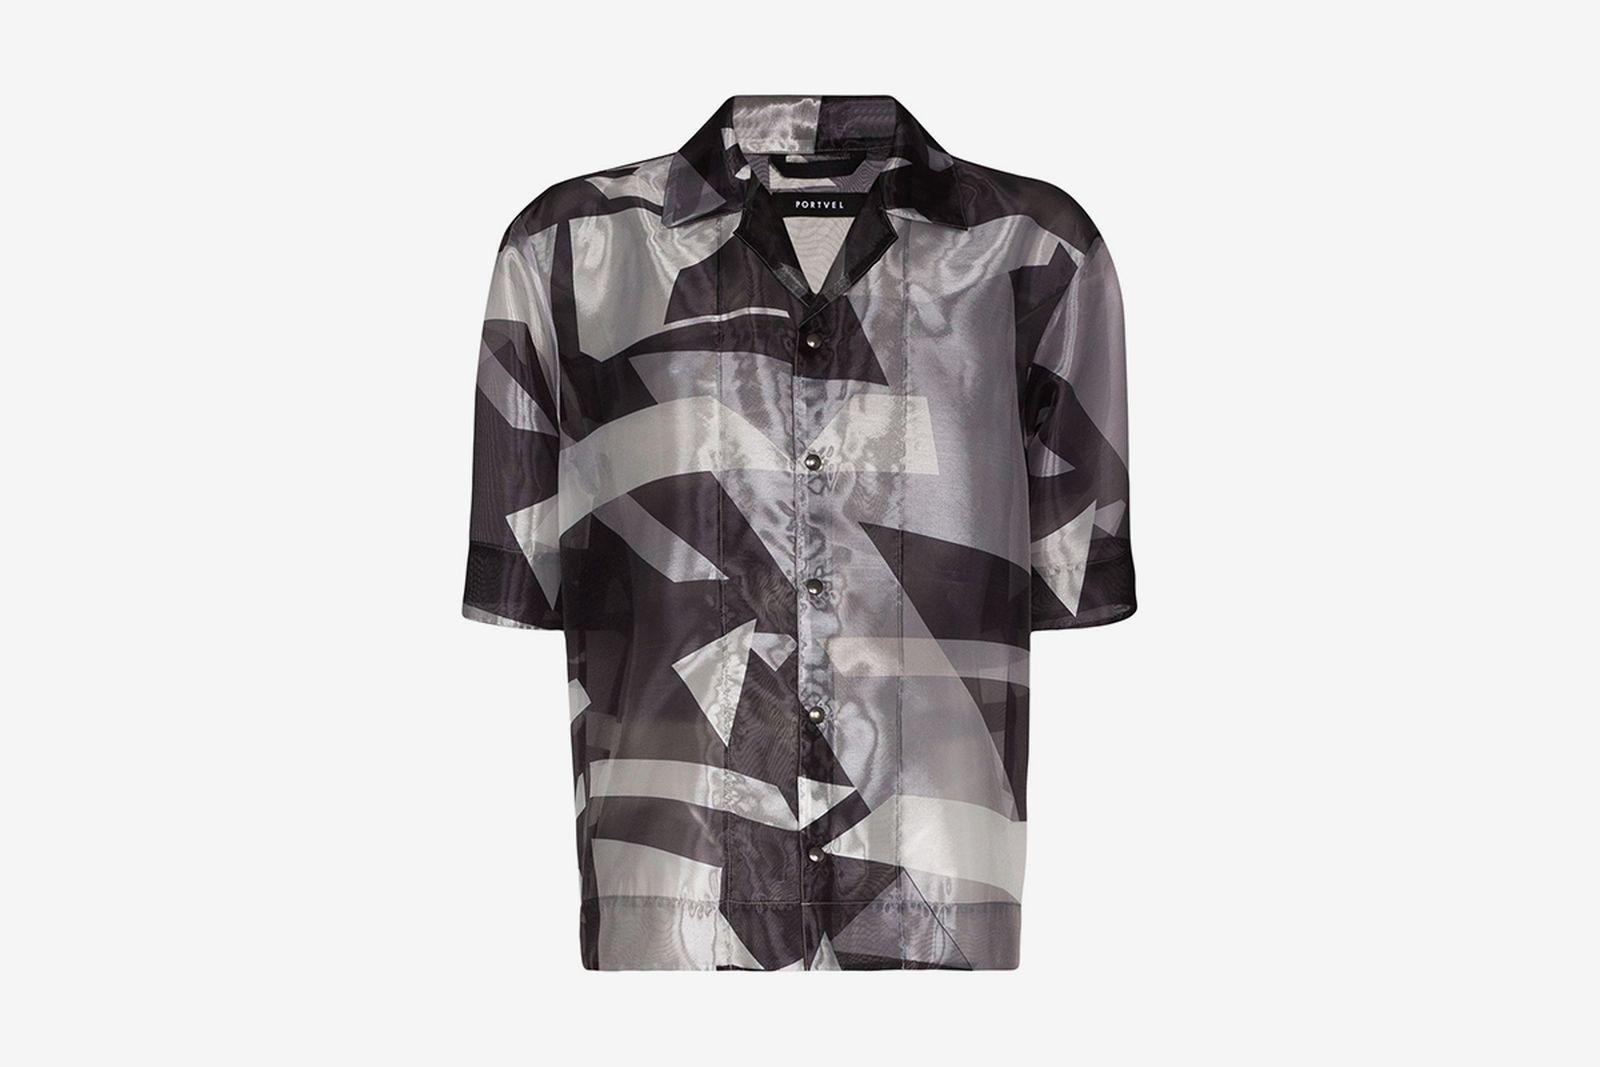 Sheer Shirts